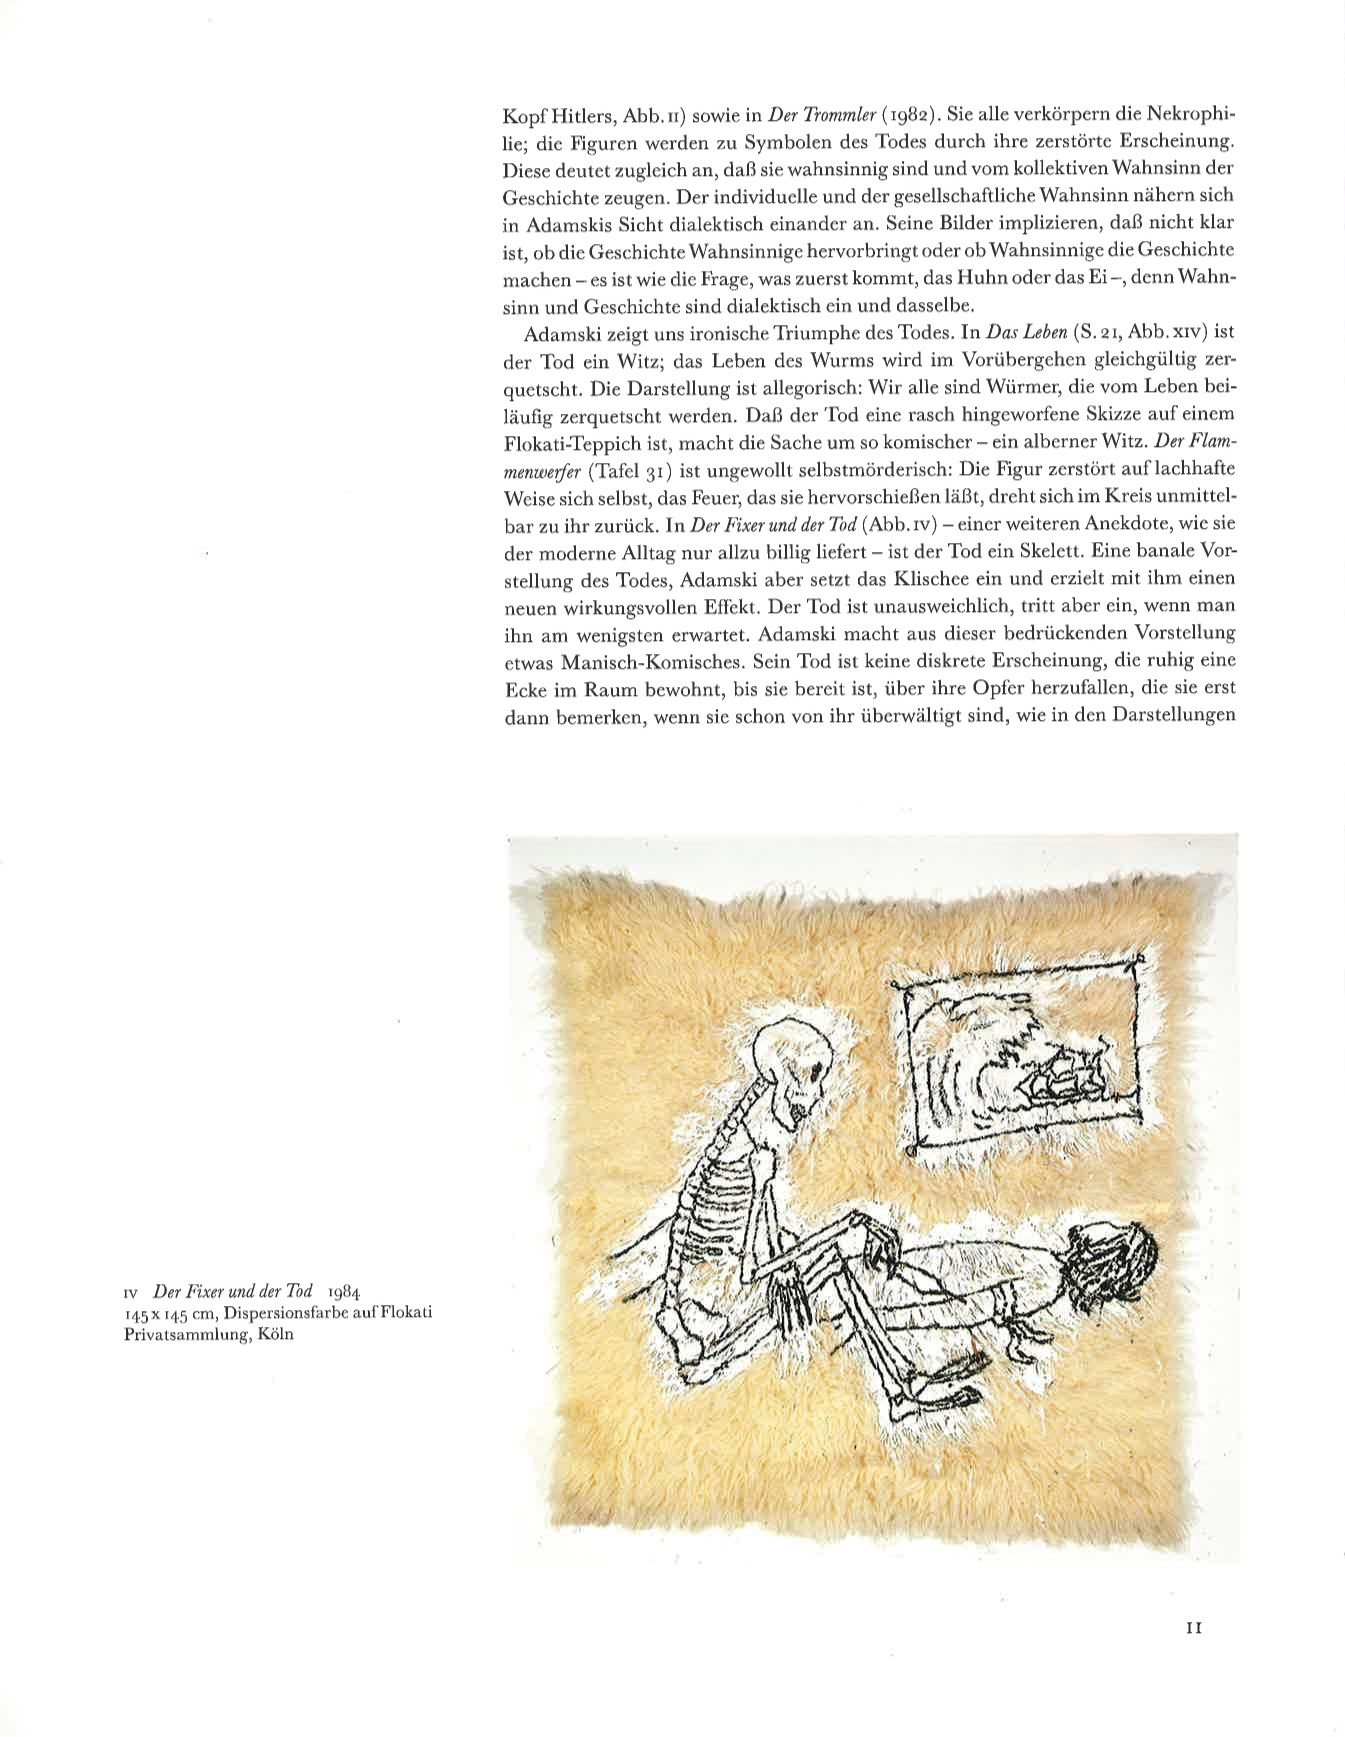 Seite 11.jpg